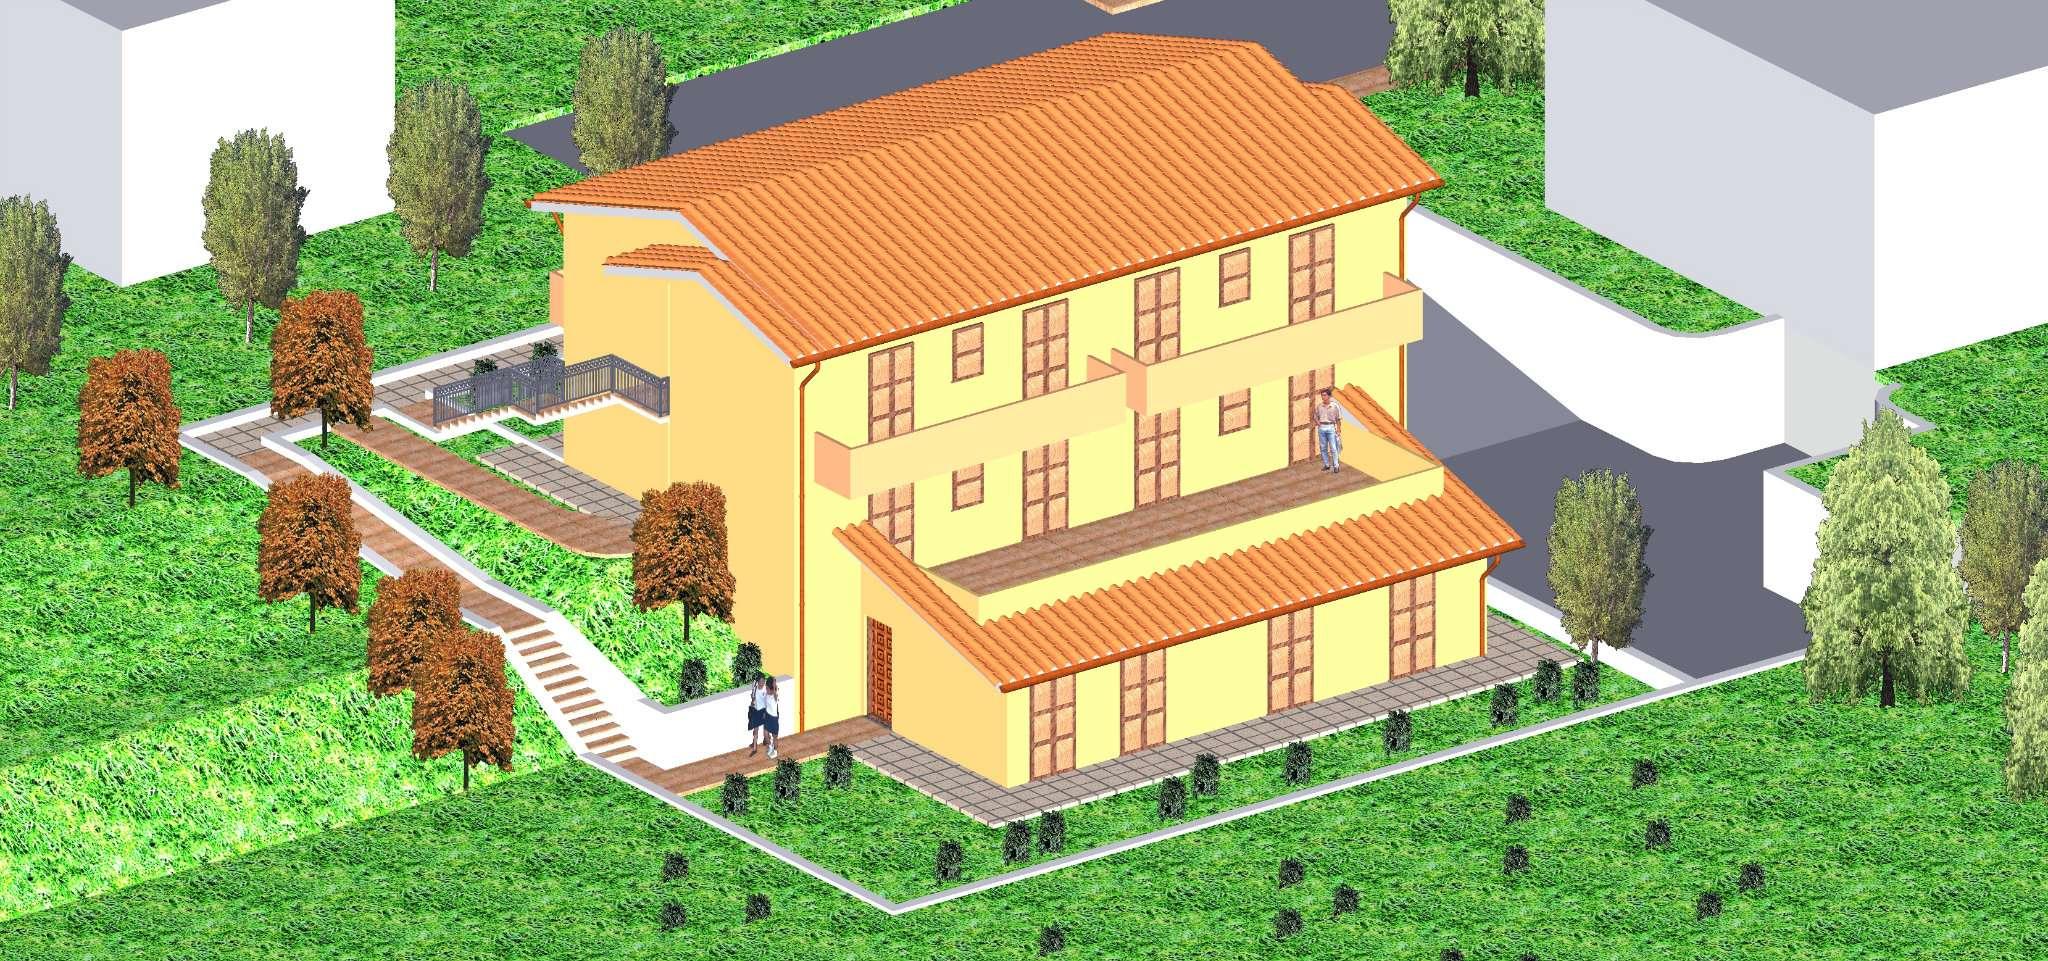 Villa Tri-Quadrifamiliare in vendita a Polverigi, 4 locali, prezzo € 260.000 | Cambio Casa.it